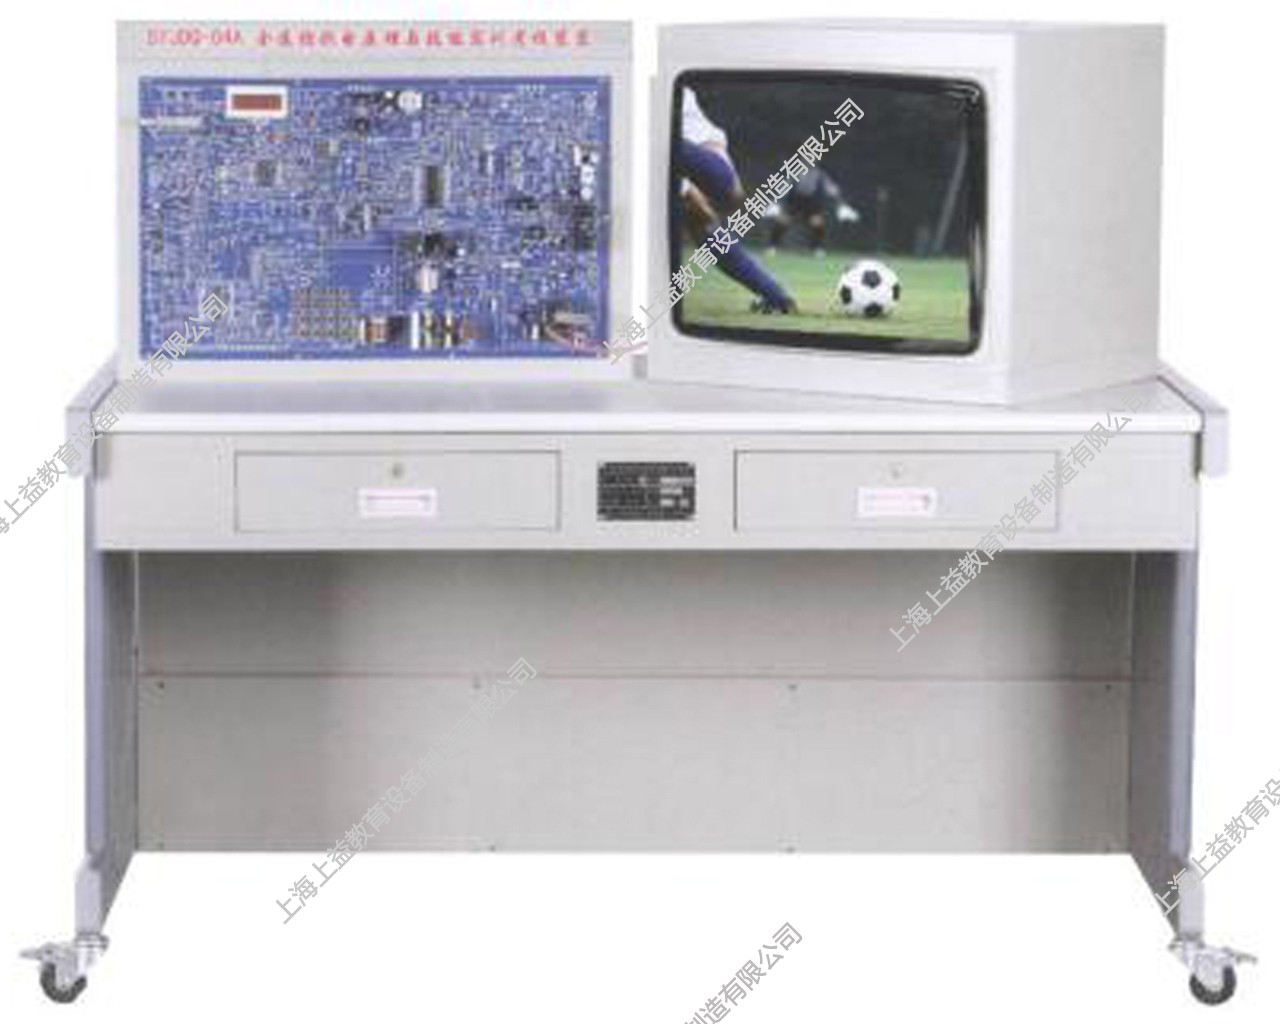 SYJDQ-04A全遥控彩电原理与技能wwwlehu8viplehu68vip装置